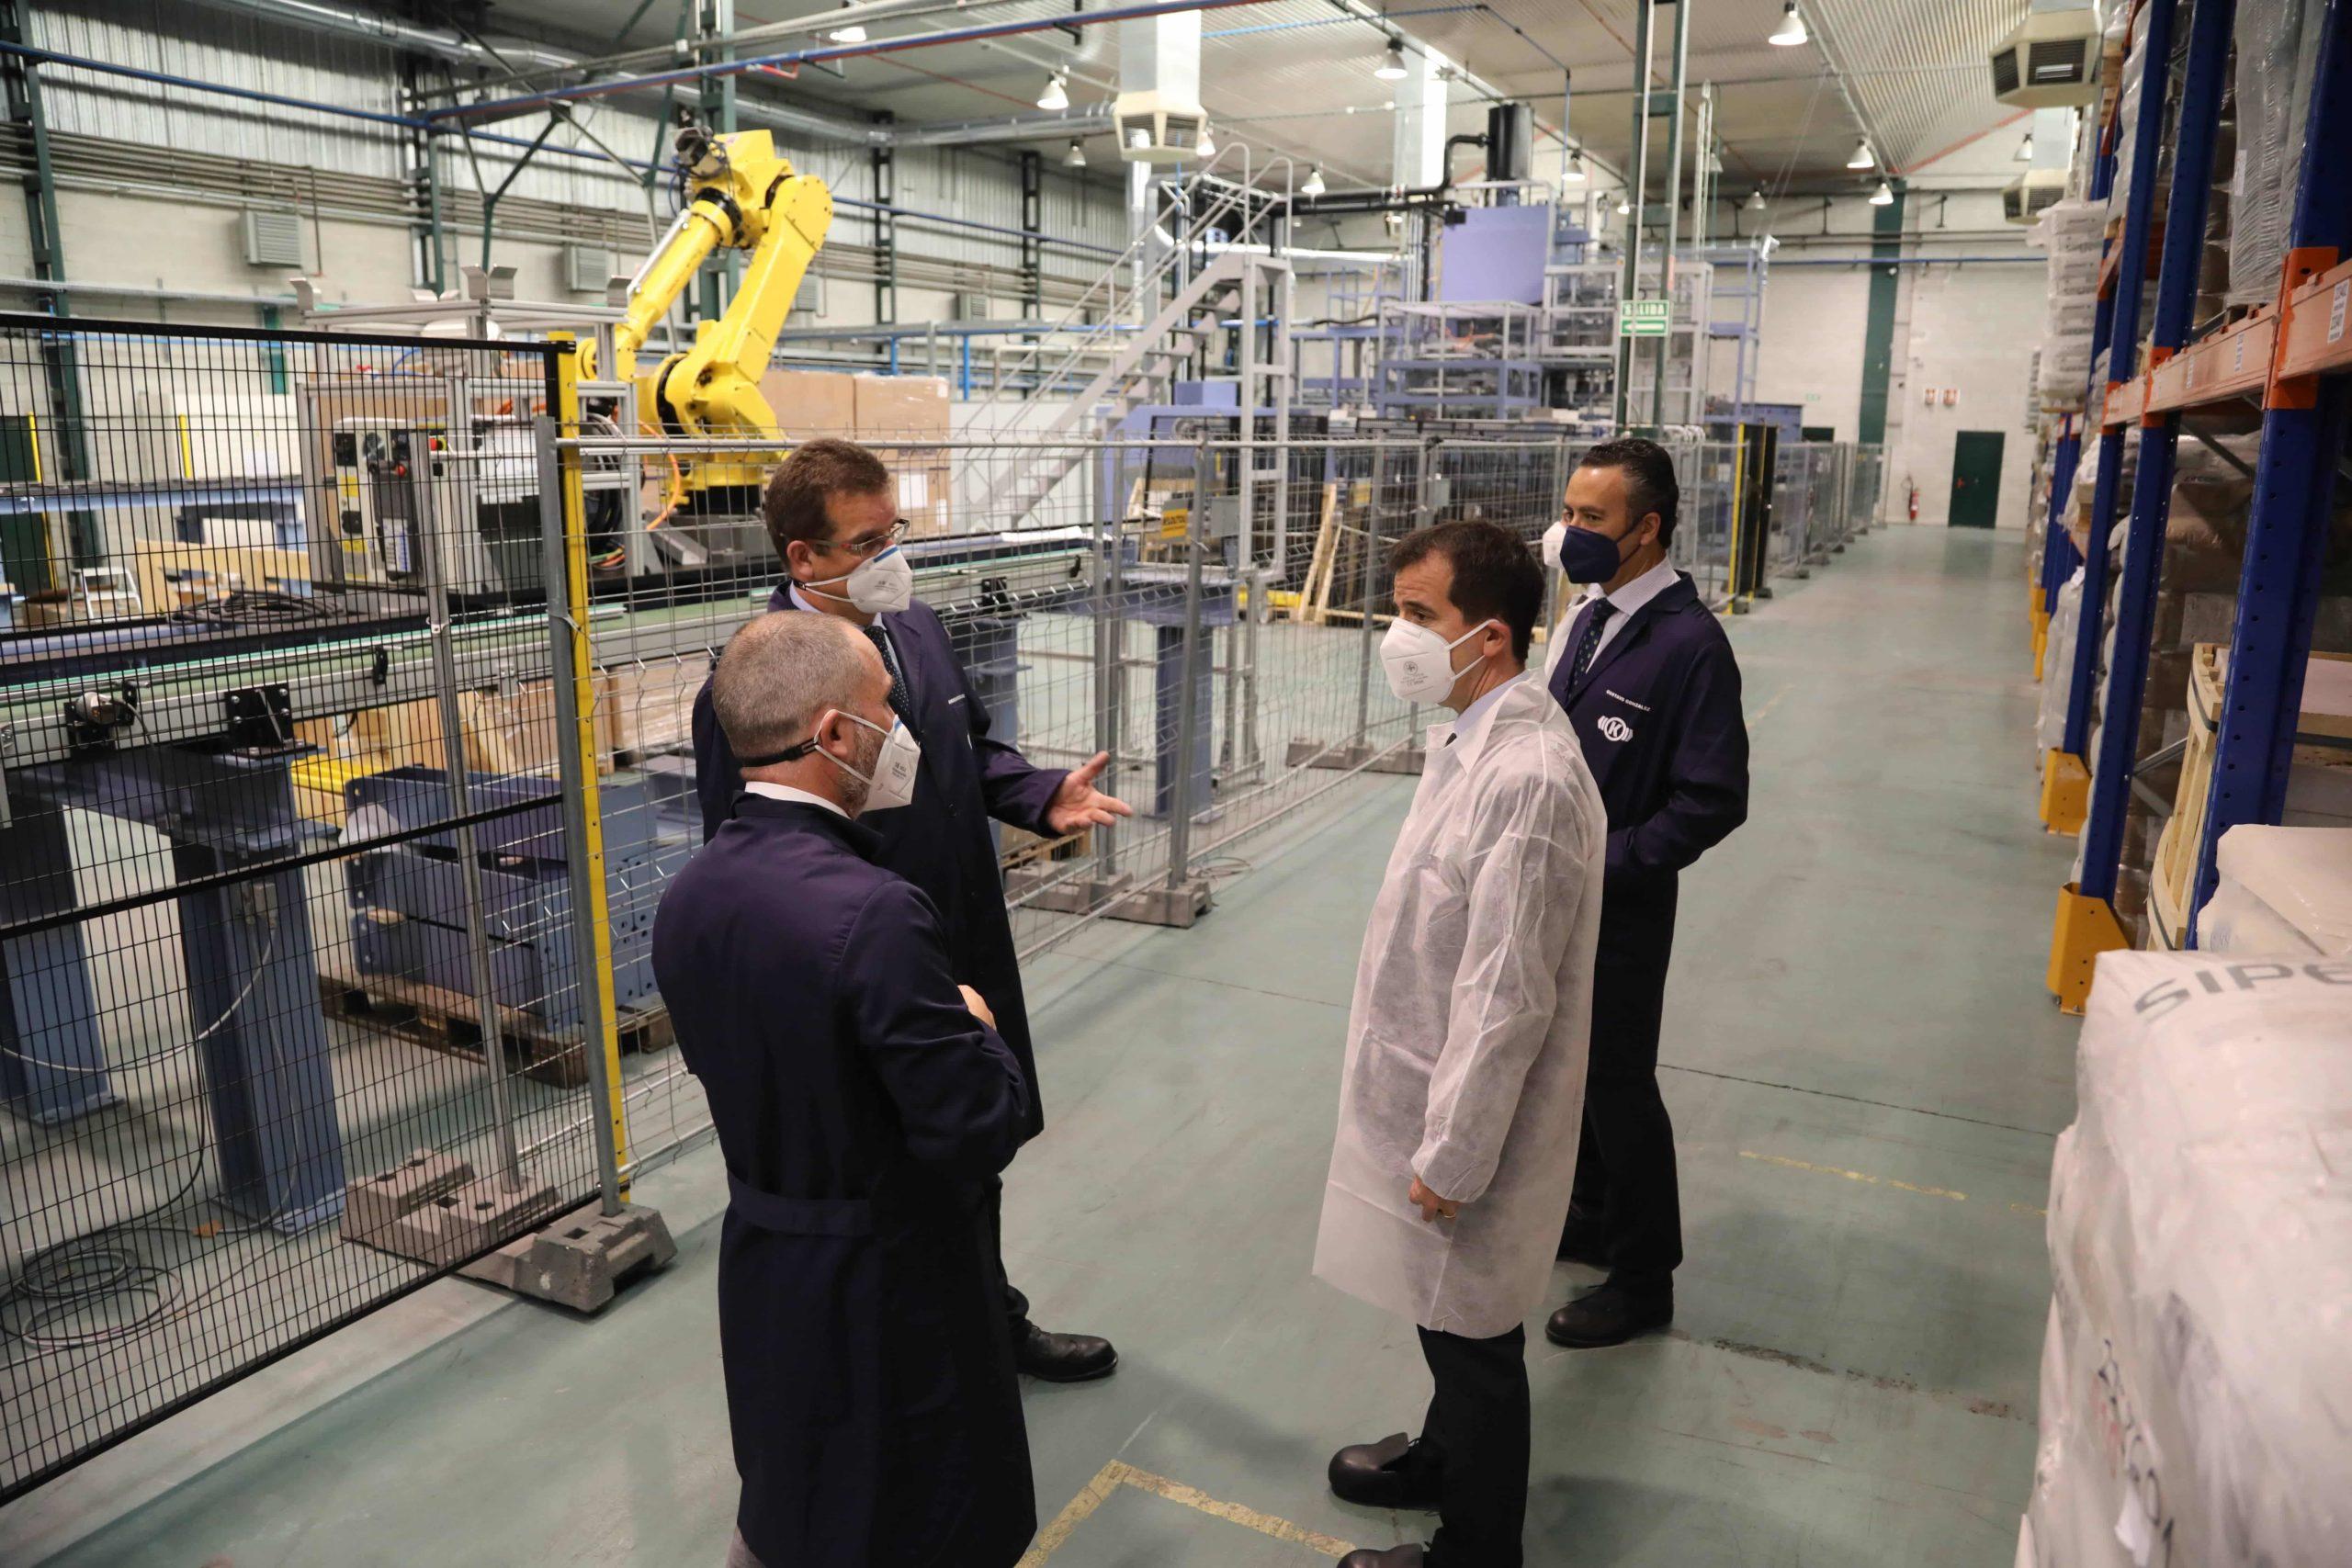 El consejero Irujo visita Knorr-Bremse, una empresa con un proyecto de inversion de 50 millones declarado de interes foral 2